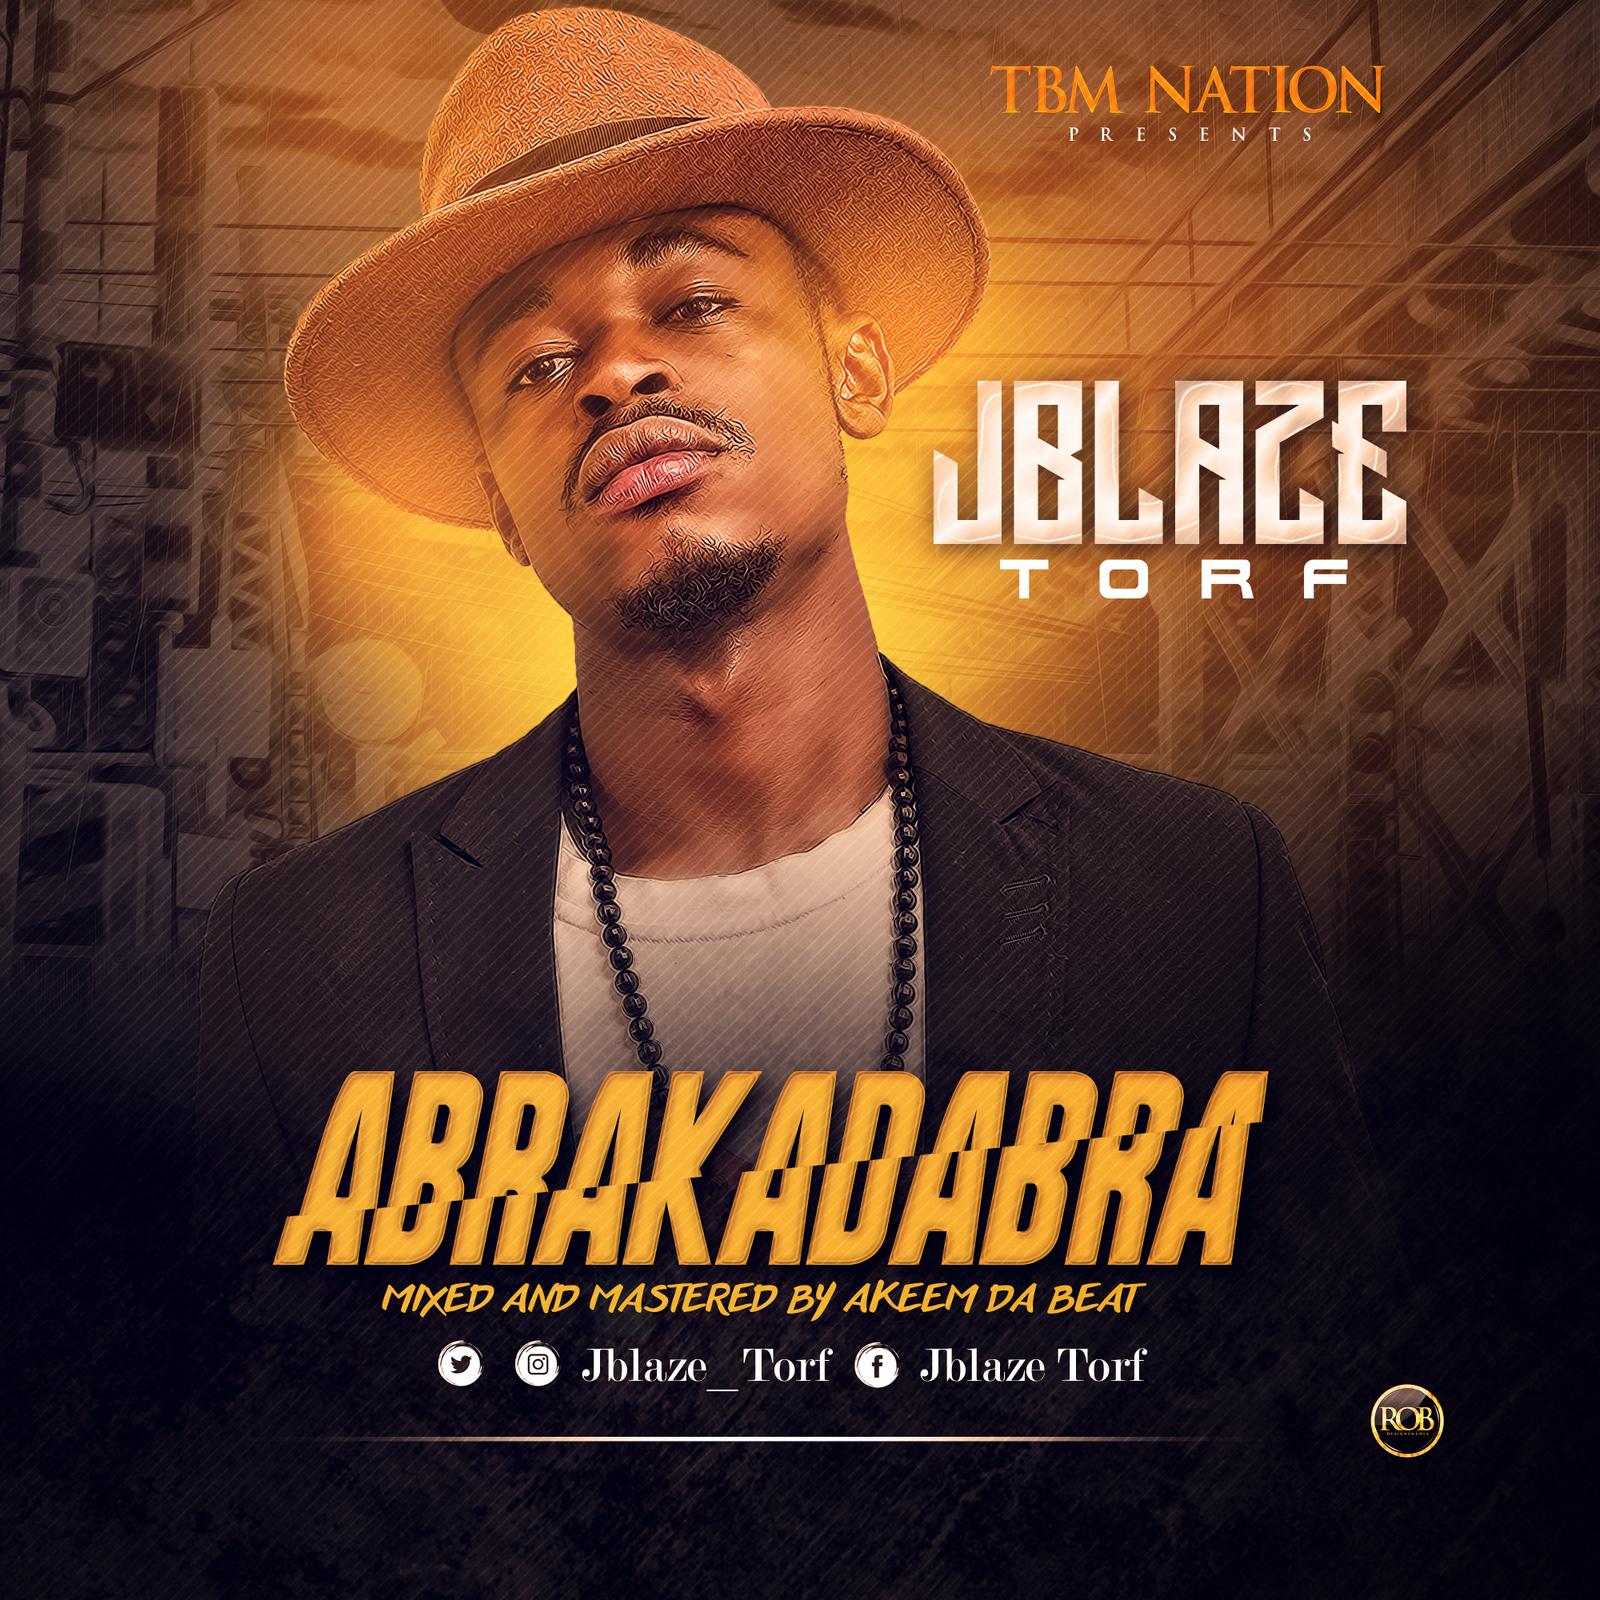 Jblaze Torf – Abrakadabra (Prod. By Akeem Da Beat)